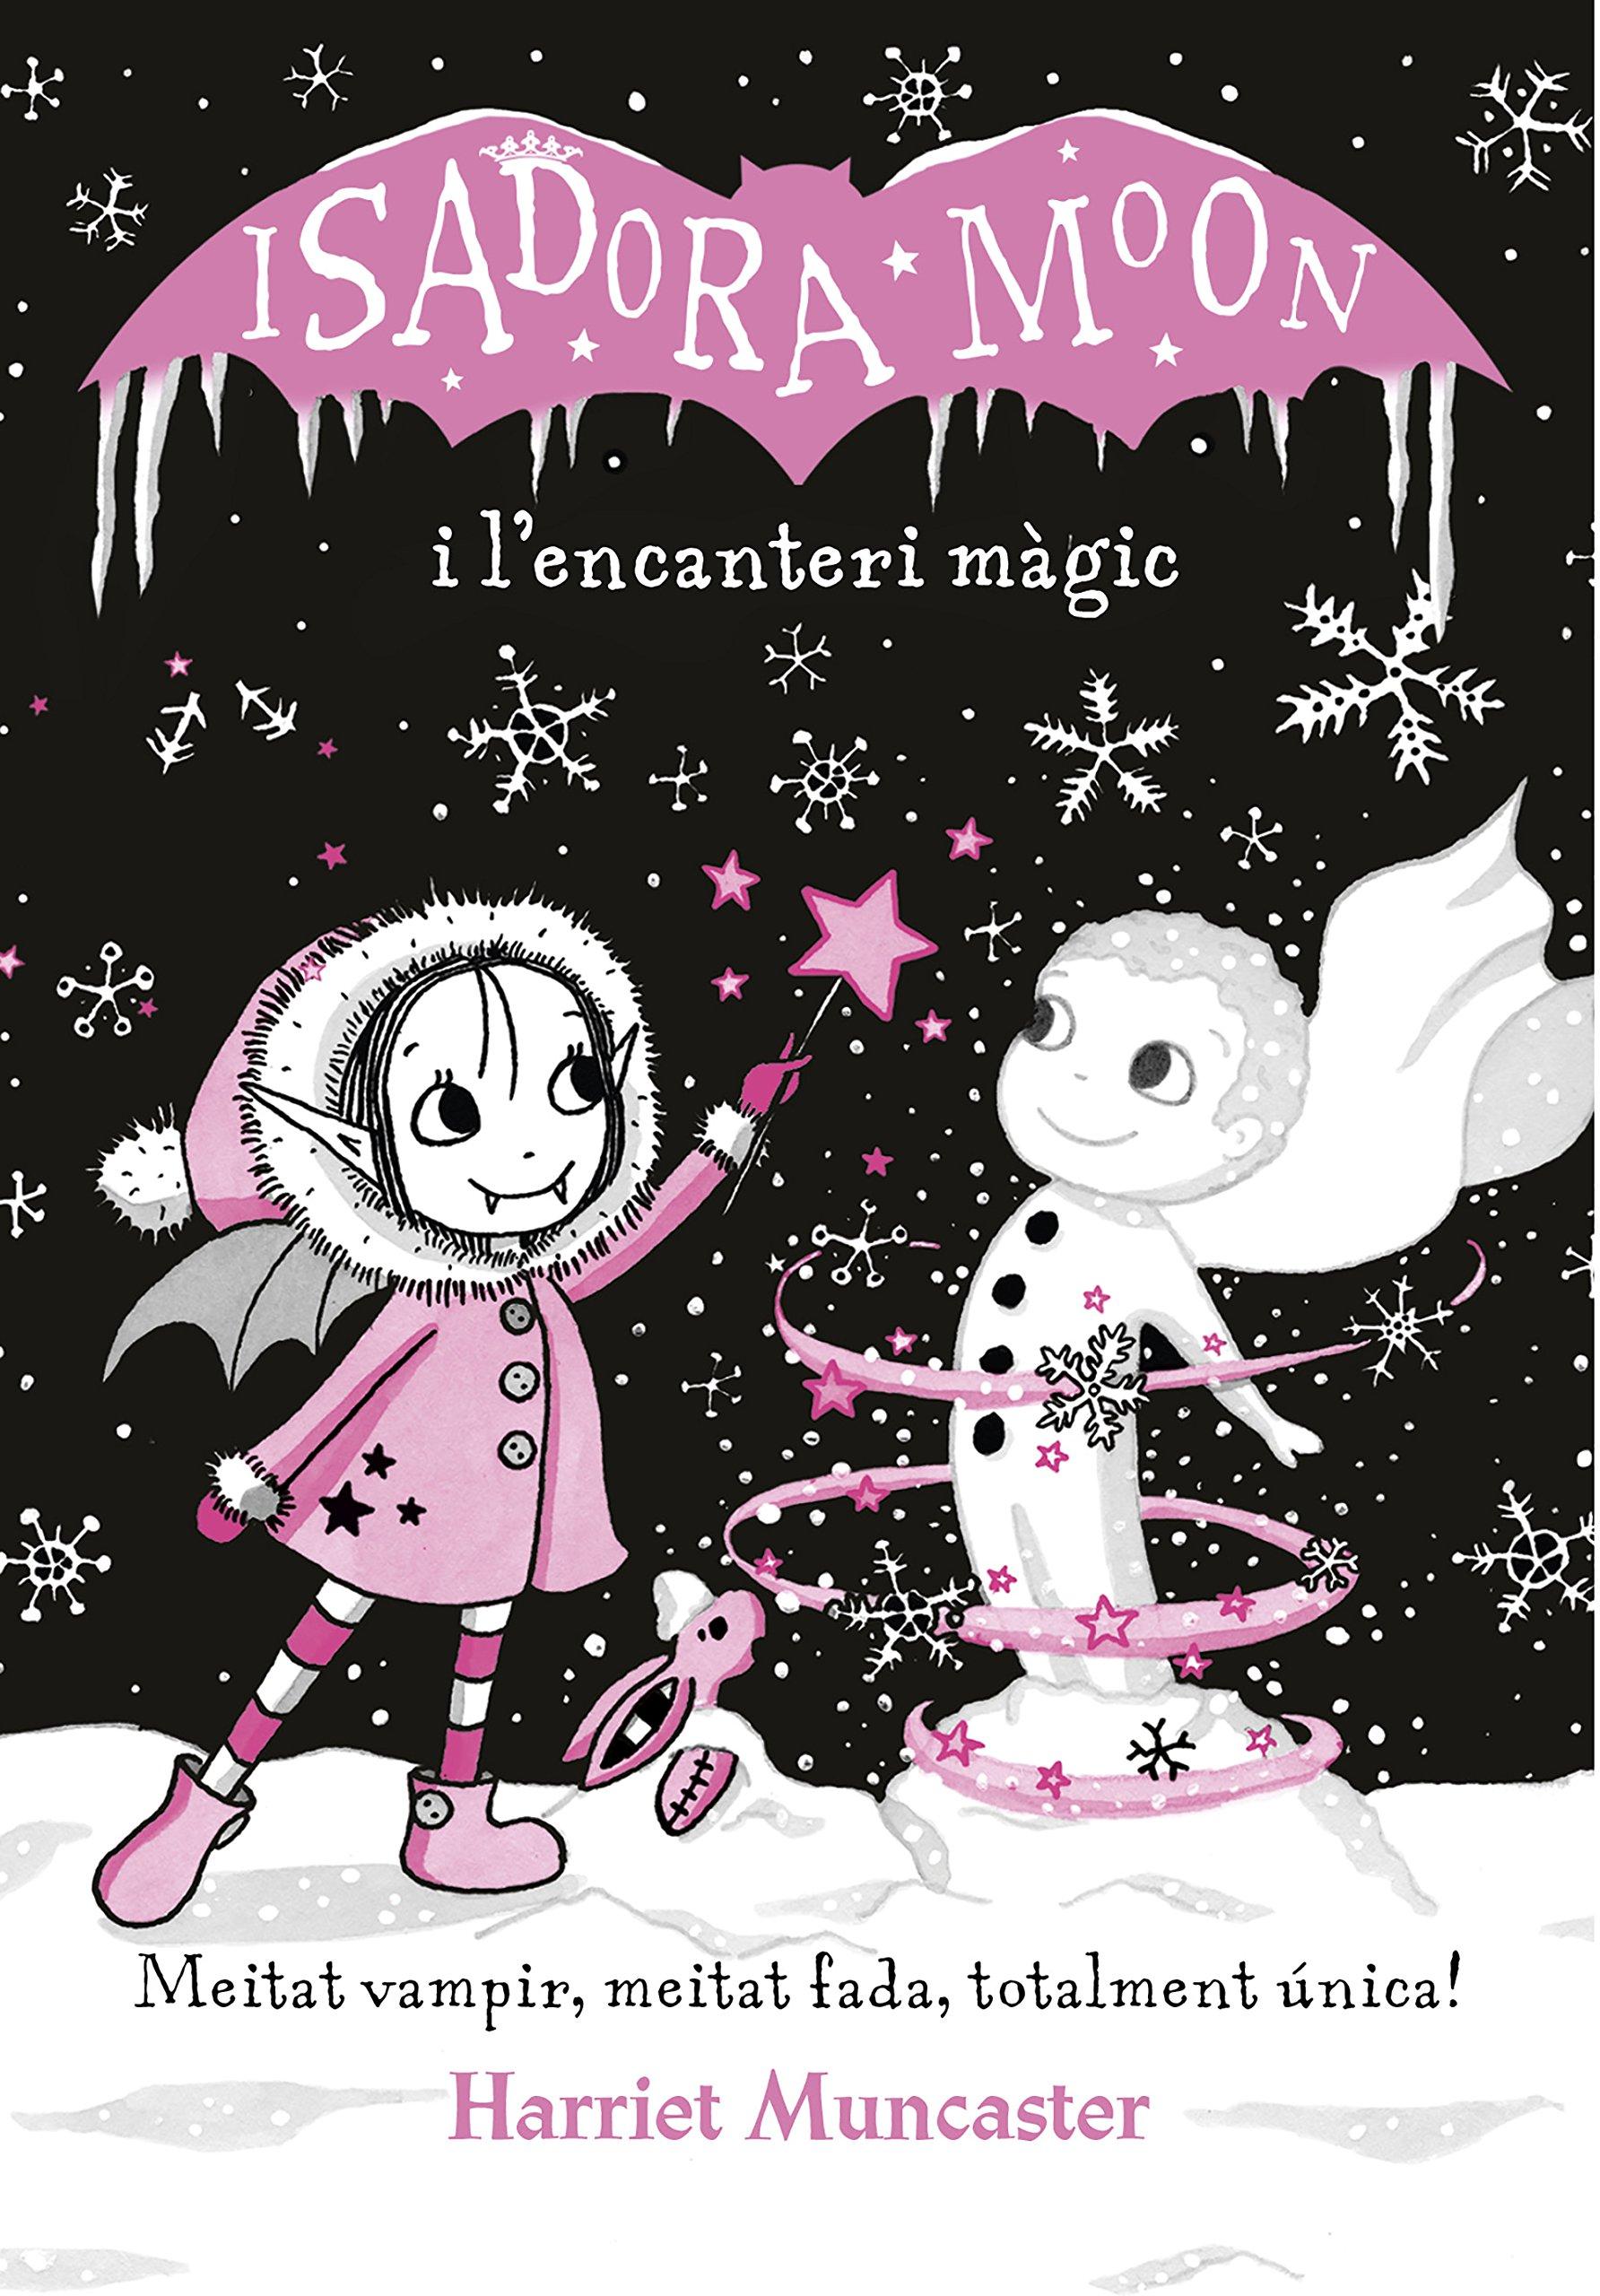 Isadora Moon i l'encanteri màgic (La Isadora Moon) (Infantil) Tapa dura – 11 oct 2018 Harriet Muncaster ALFAGUARA 8420487627 Picture storybooks